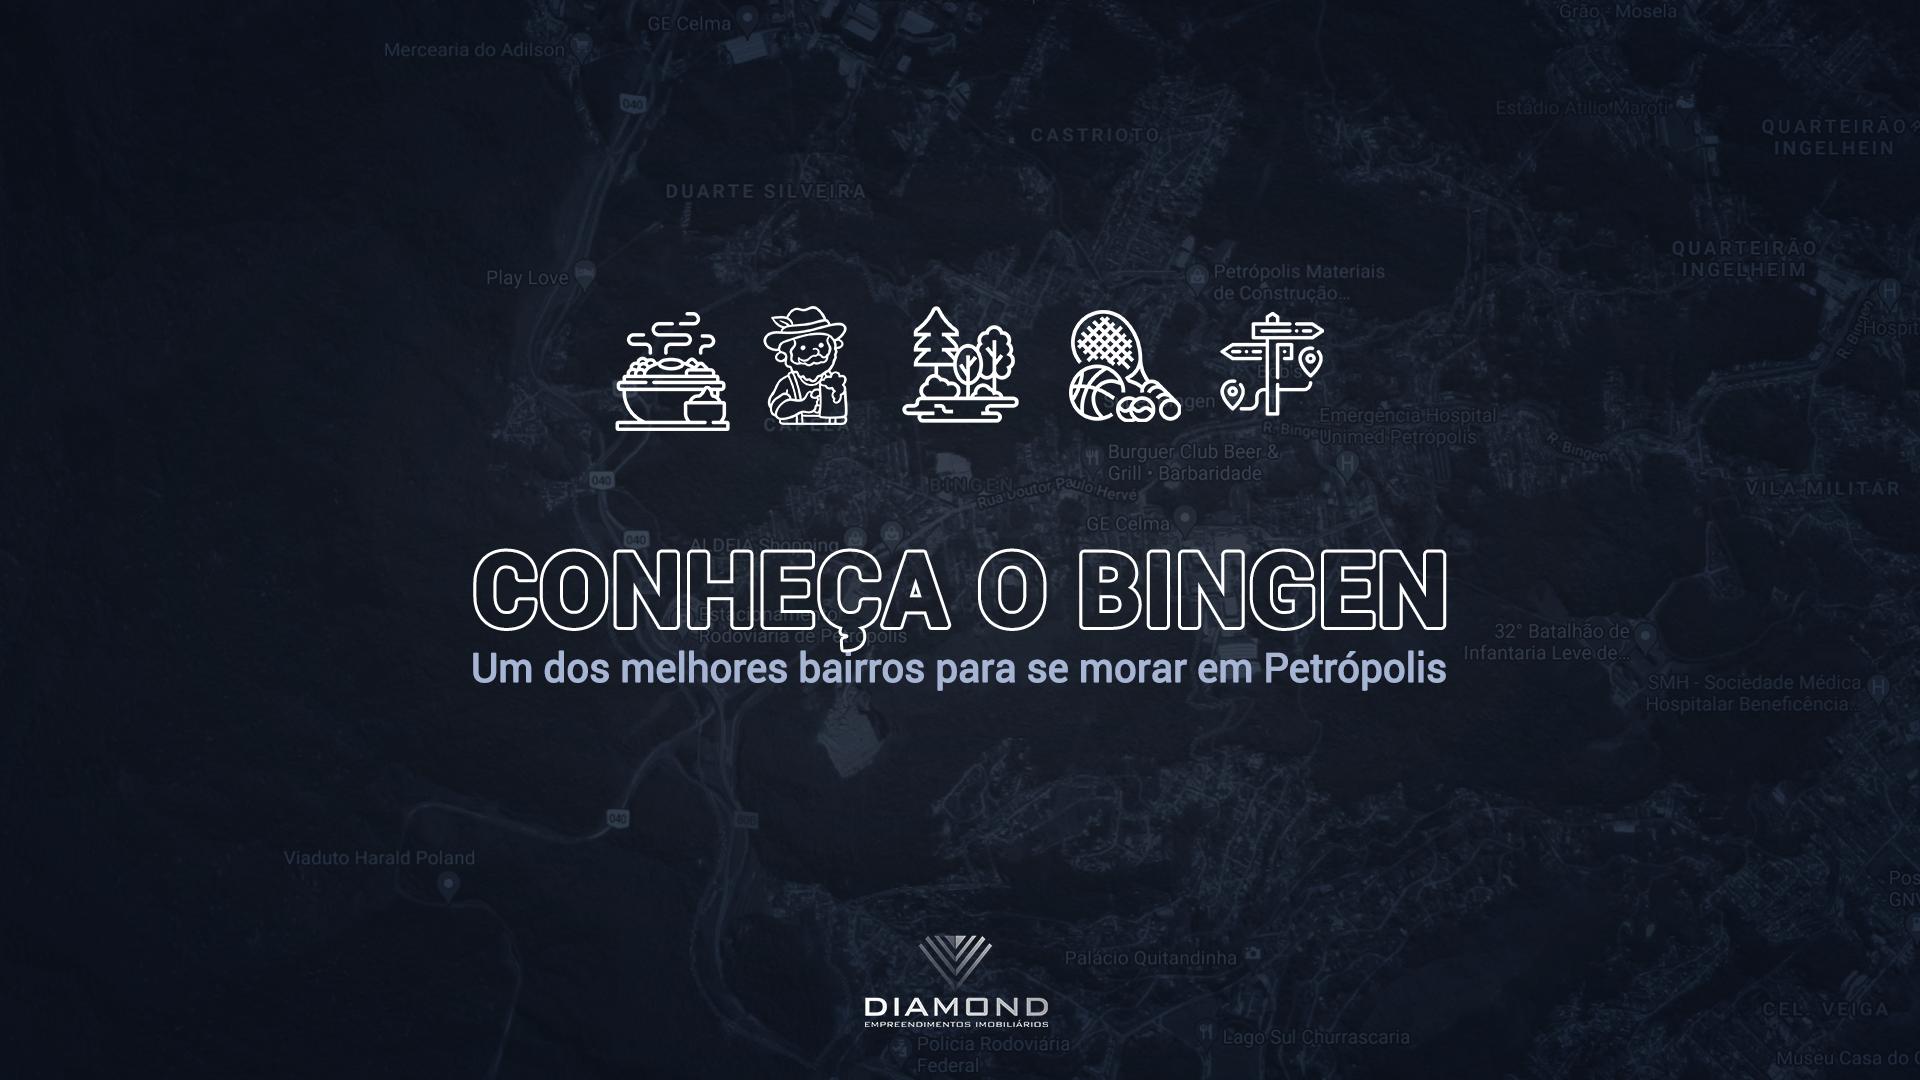 Conheça o Bingen - um dos melhores bairros para se morar em Petrópolis